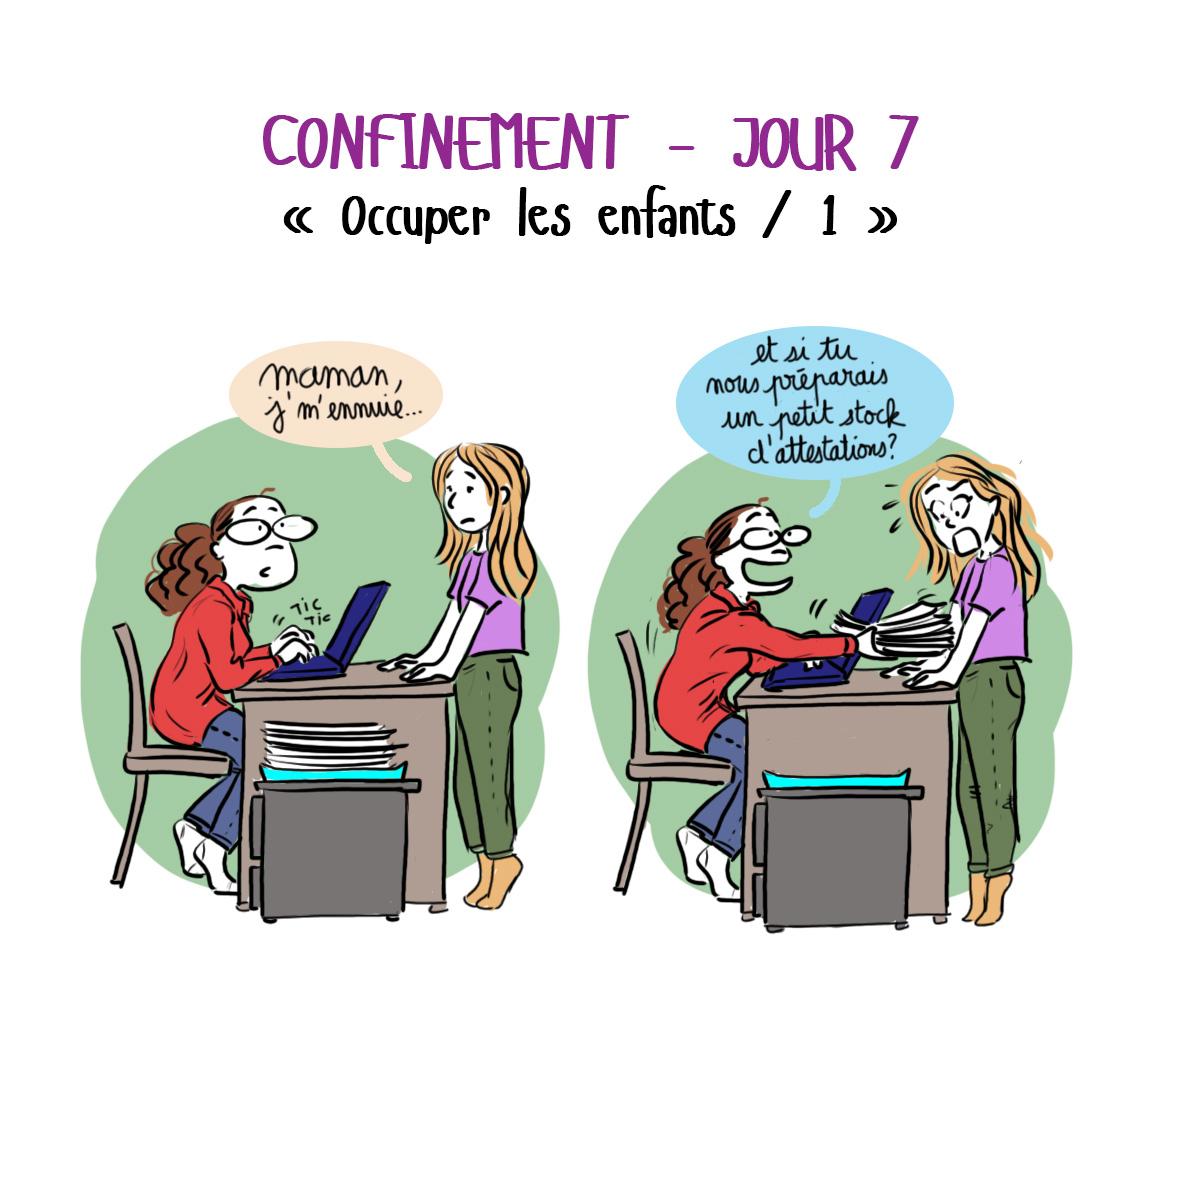 Journal de confinement - jour 7